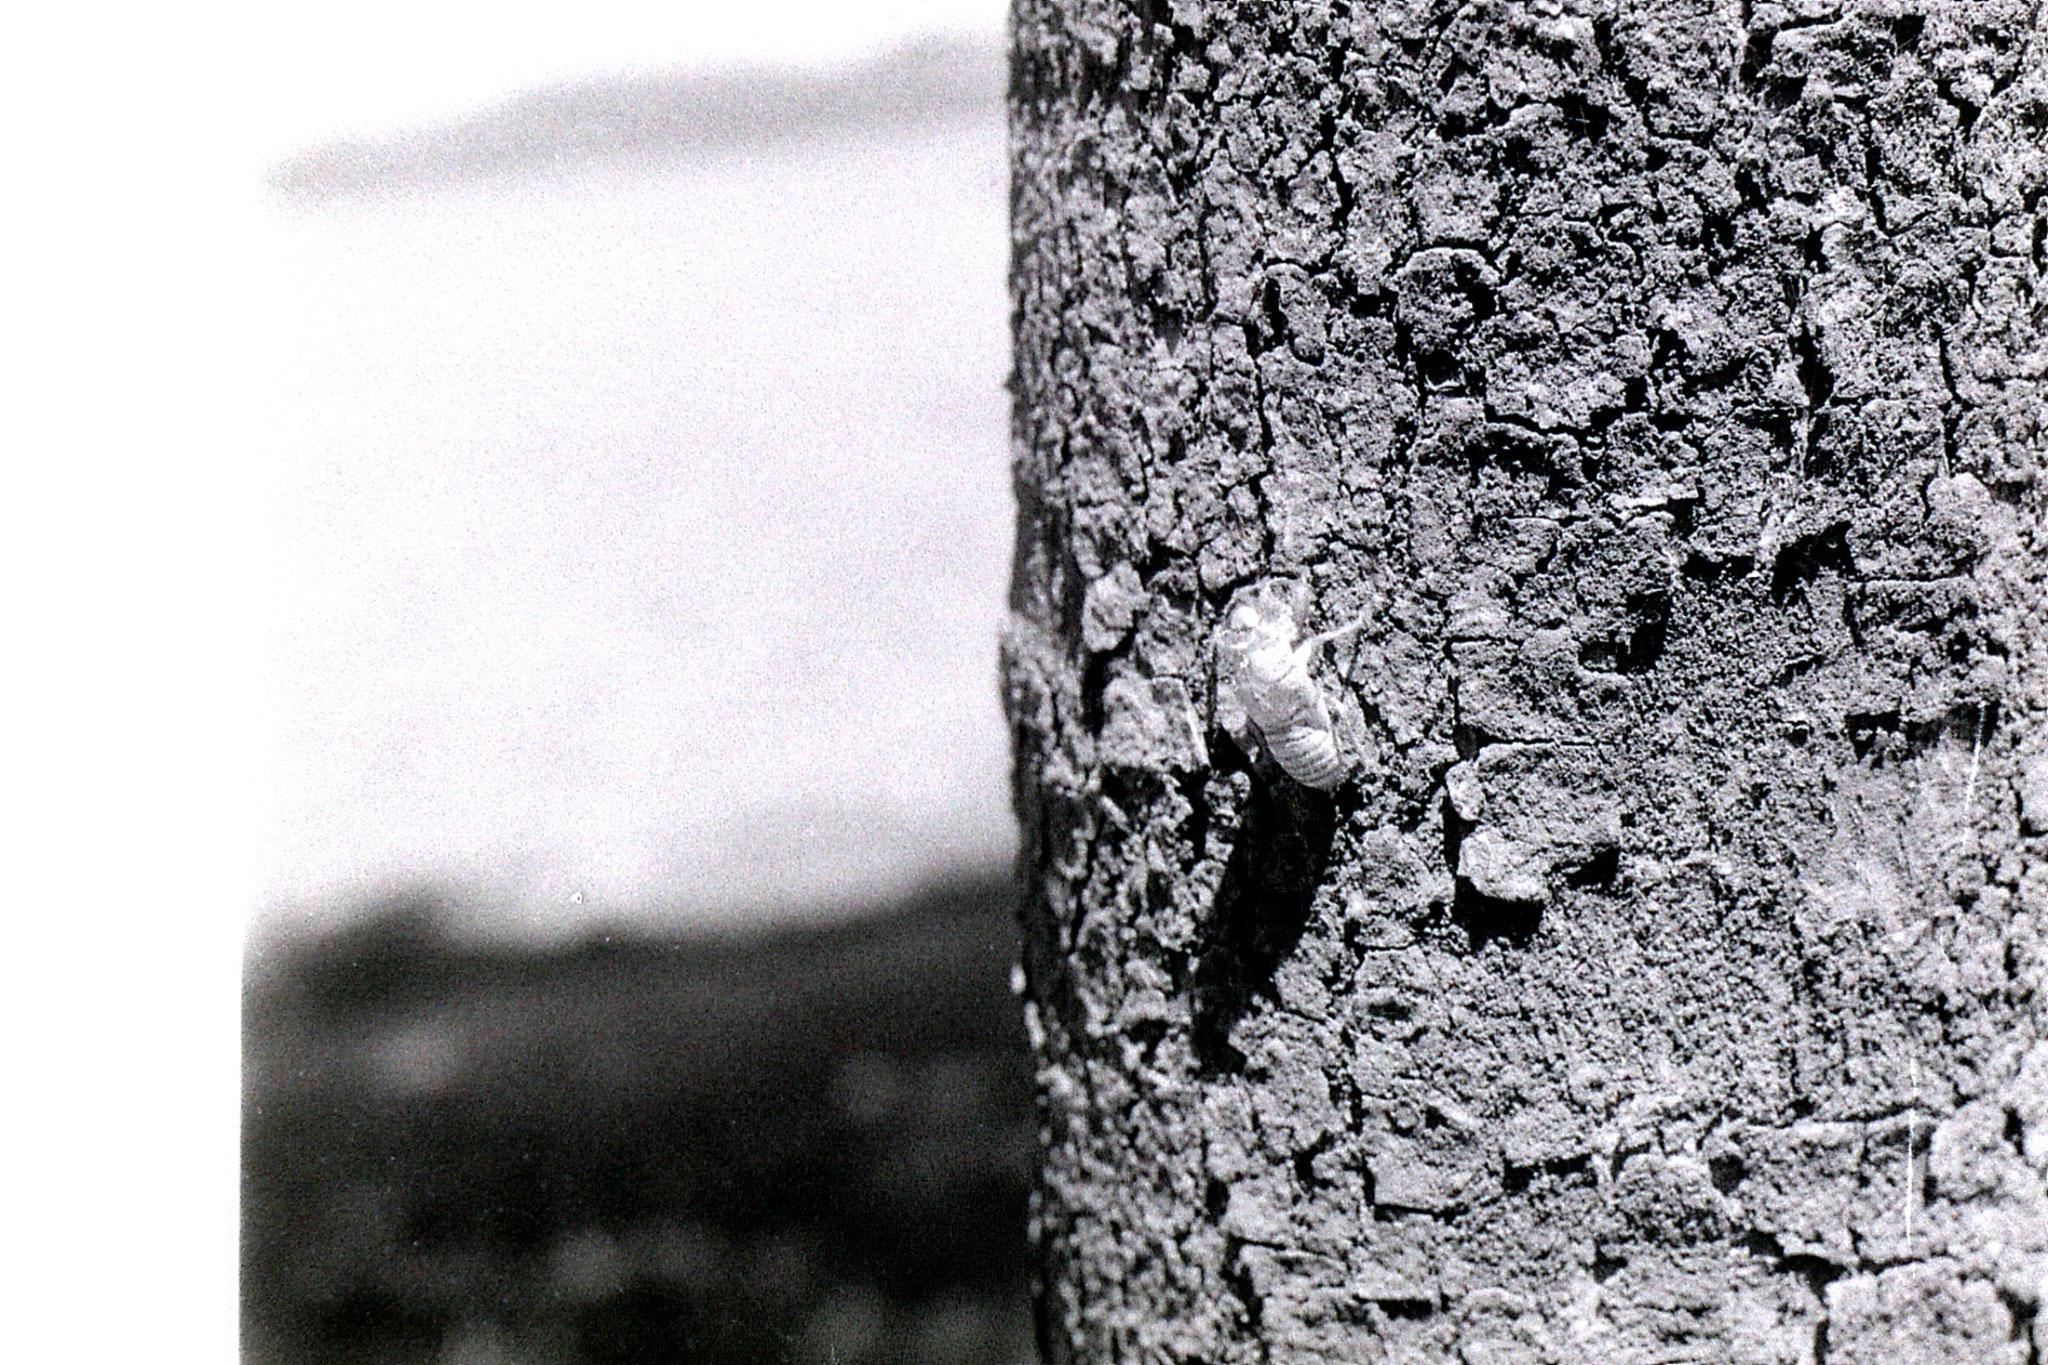 16/7/1989: 13: cicada skin on tree